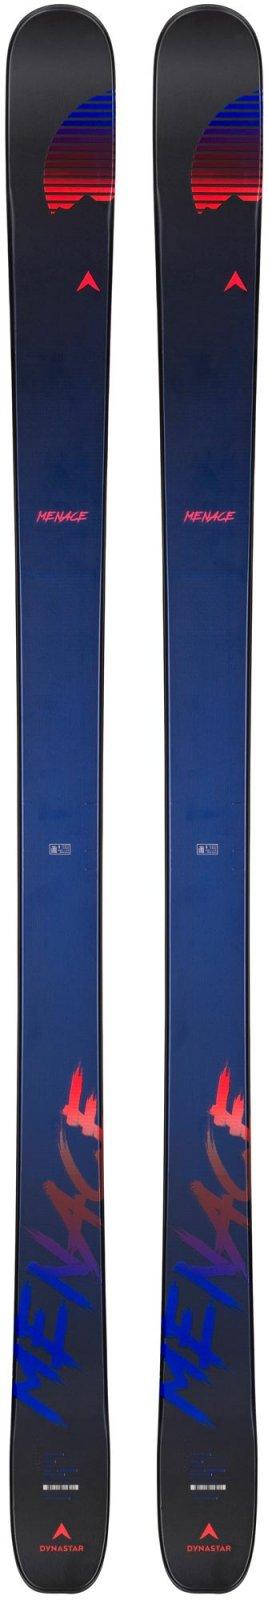 Dynastar Menace 90 Skis 2021